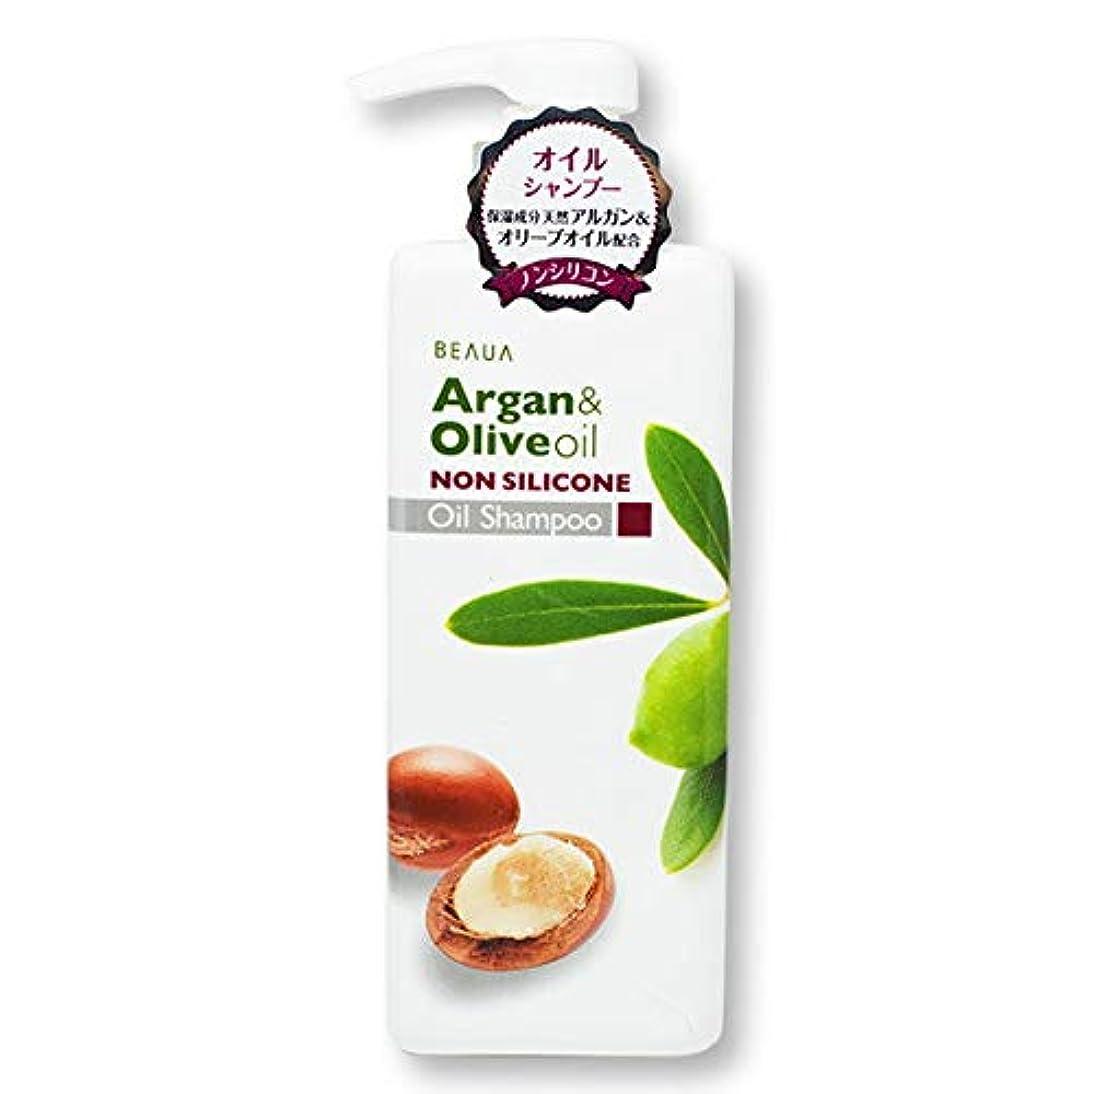 正しくまともな忌避剤ビューア アルガン&オリーブオイルシャンプー 550ml 2個セット